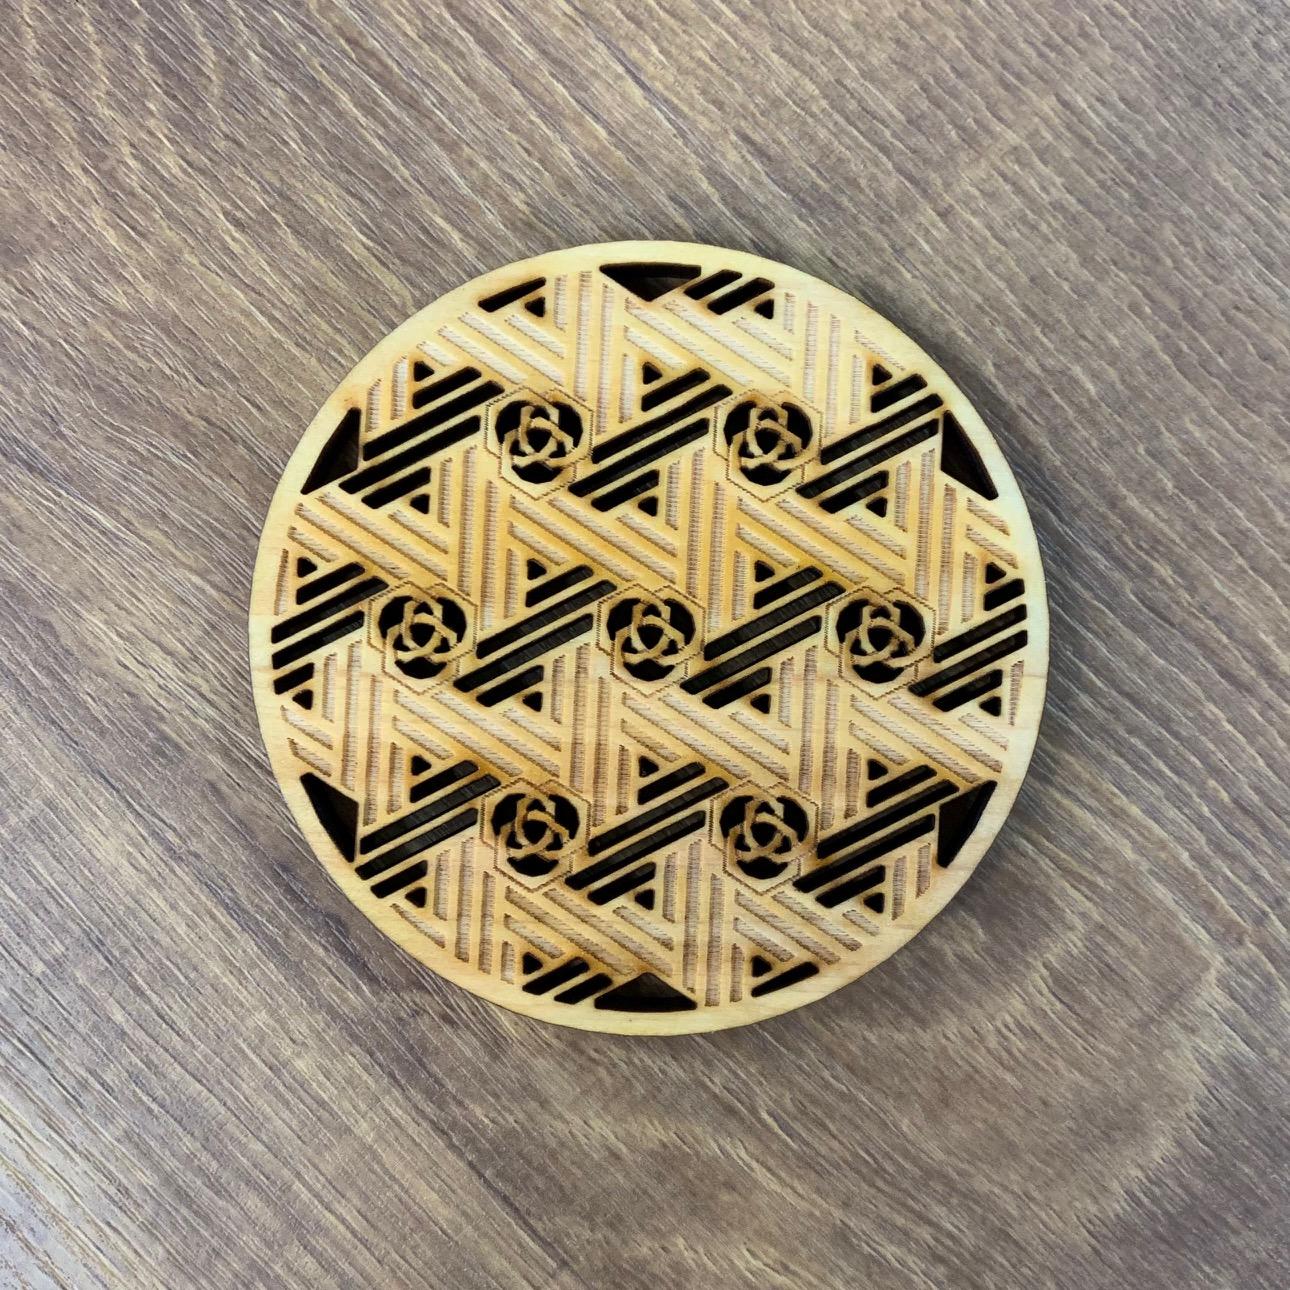 【レターパック便専用】伝統文様コースター 菜篭麻の葉三つ組亀甲